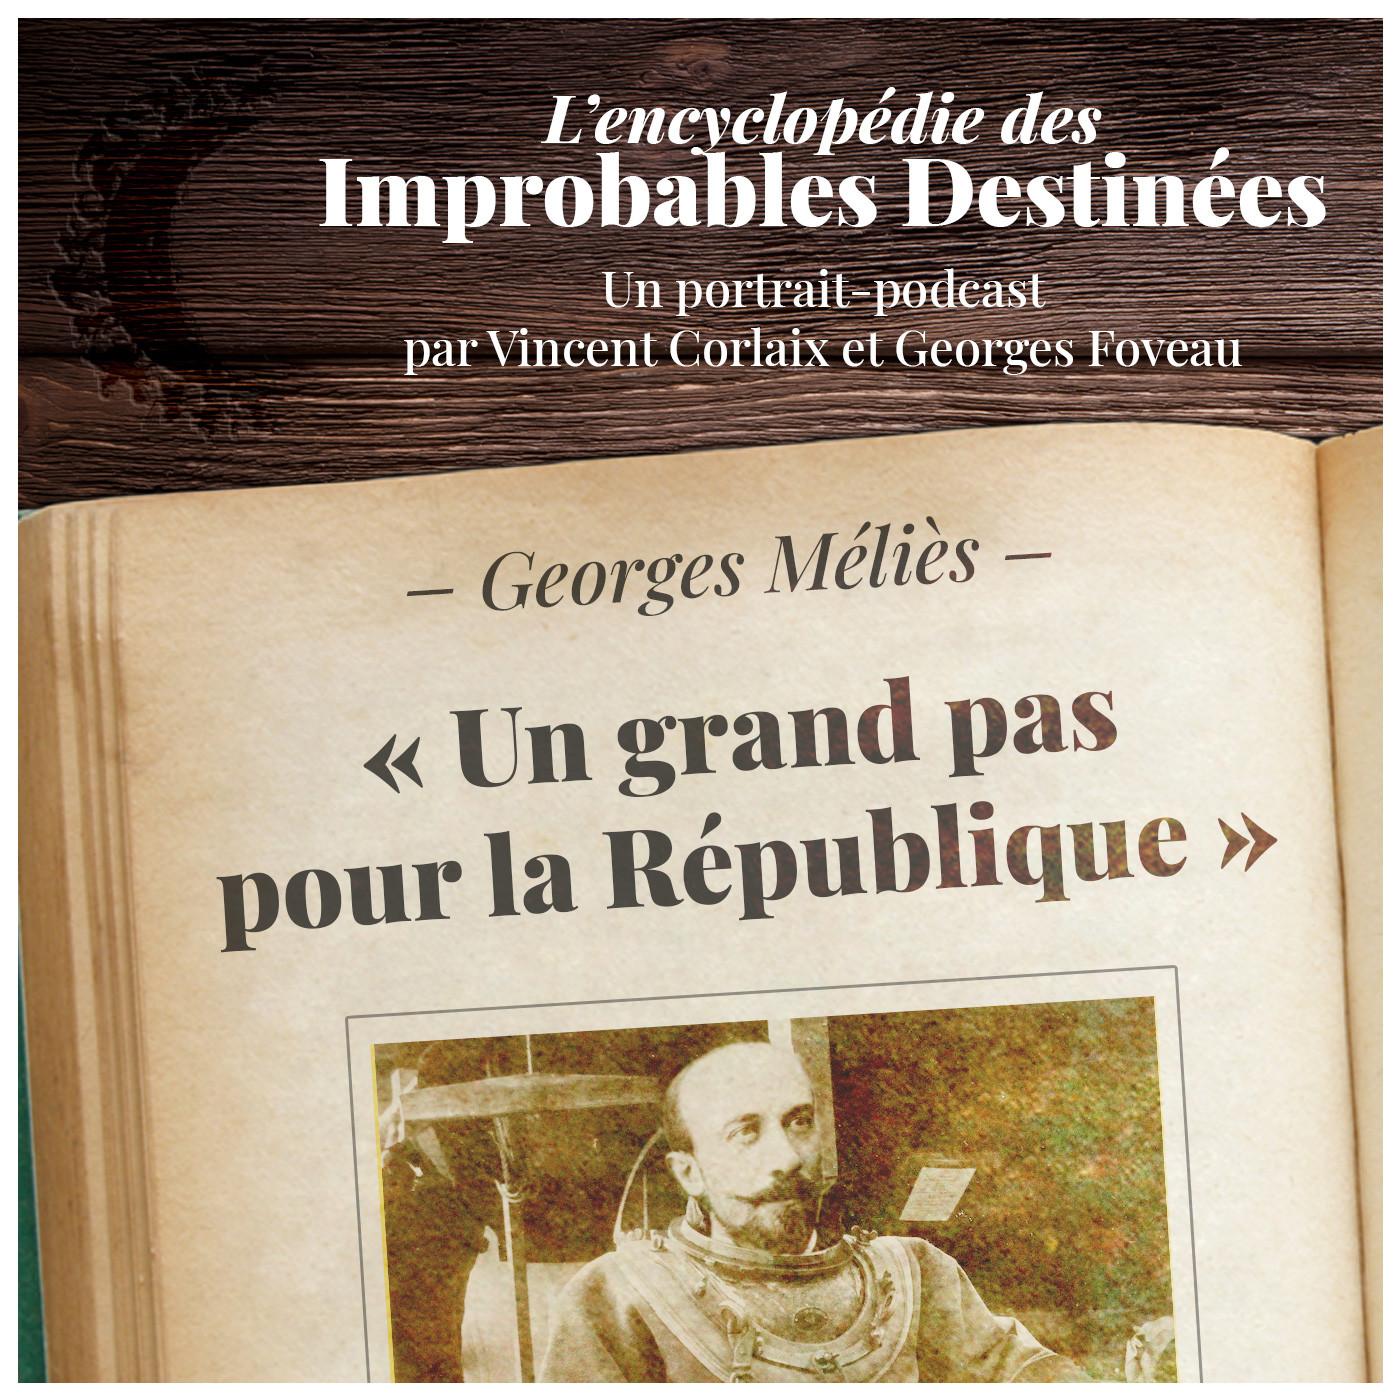 Georges Méliès — Un grand pas pour la République